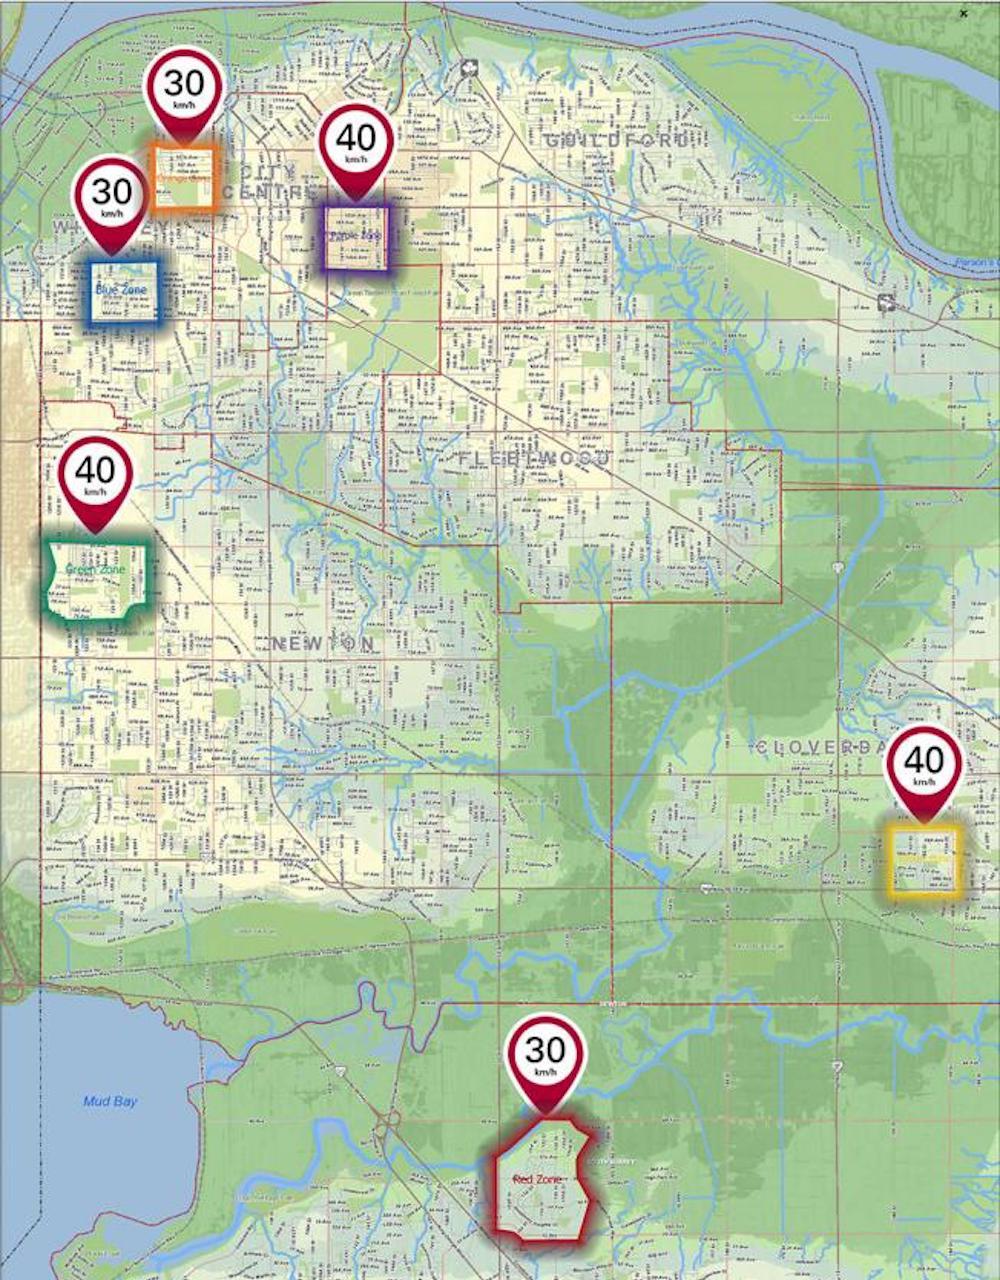 surrey slow streets neighbourhoods 2021 map